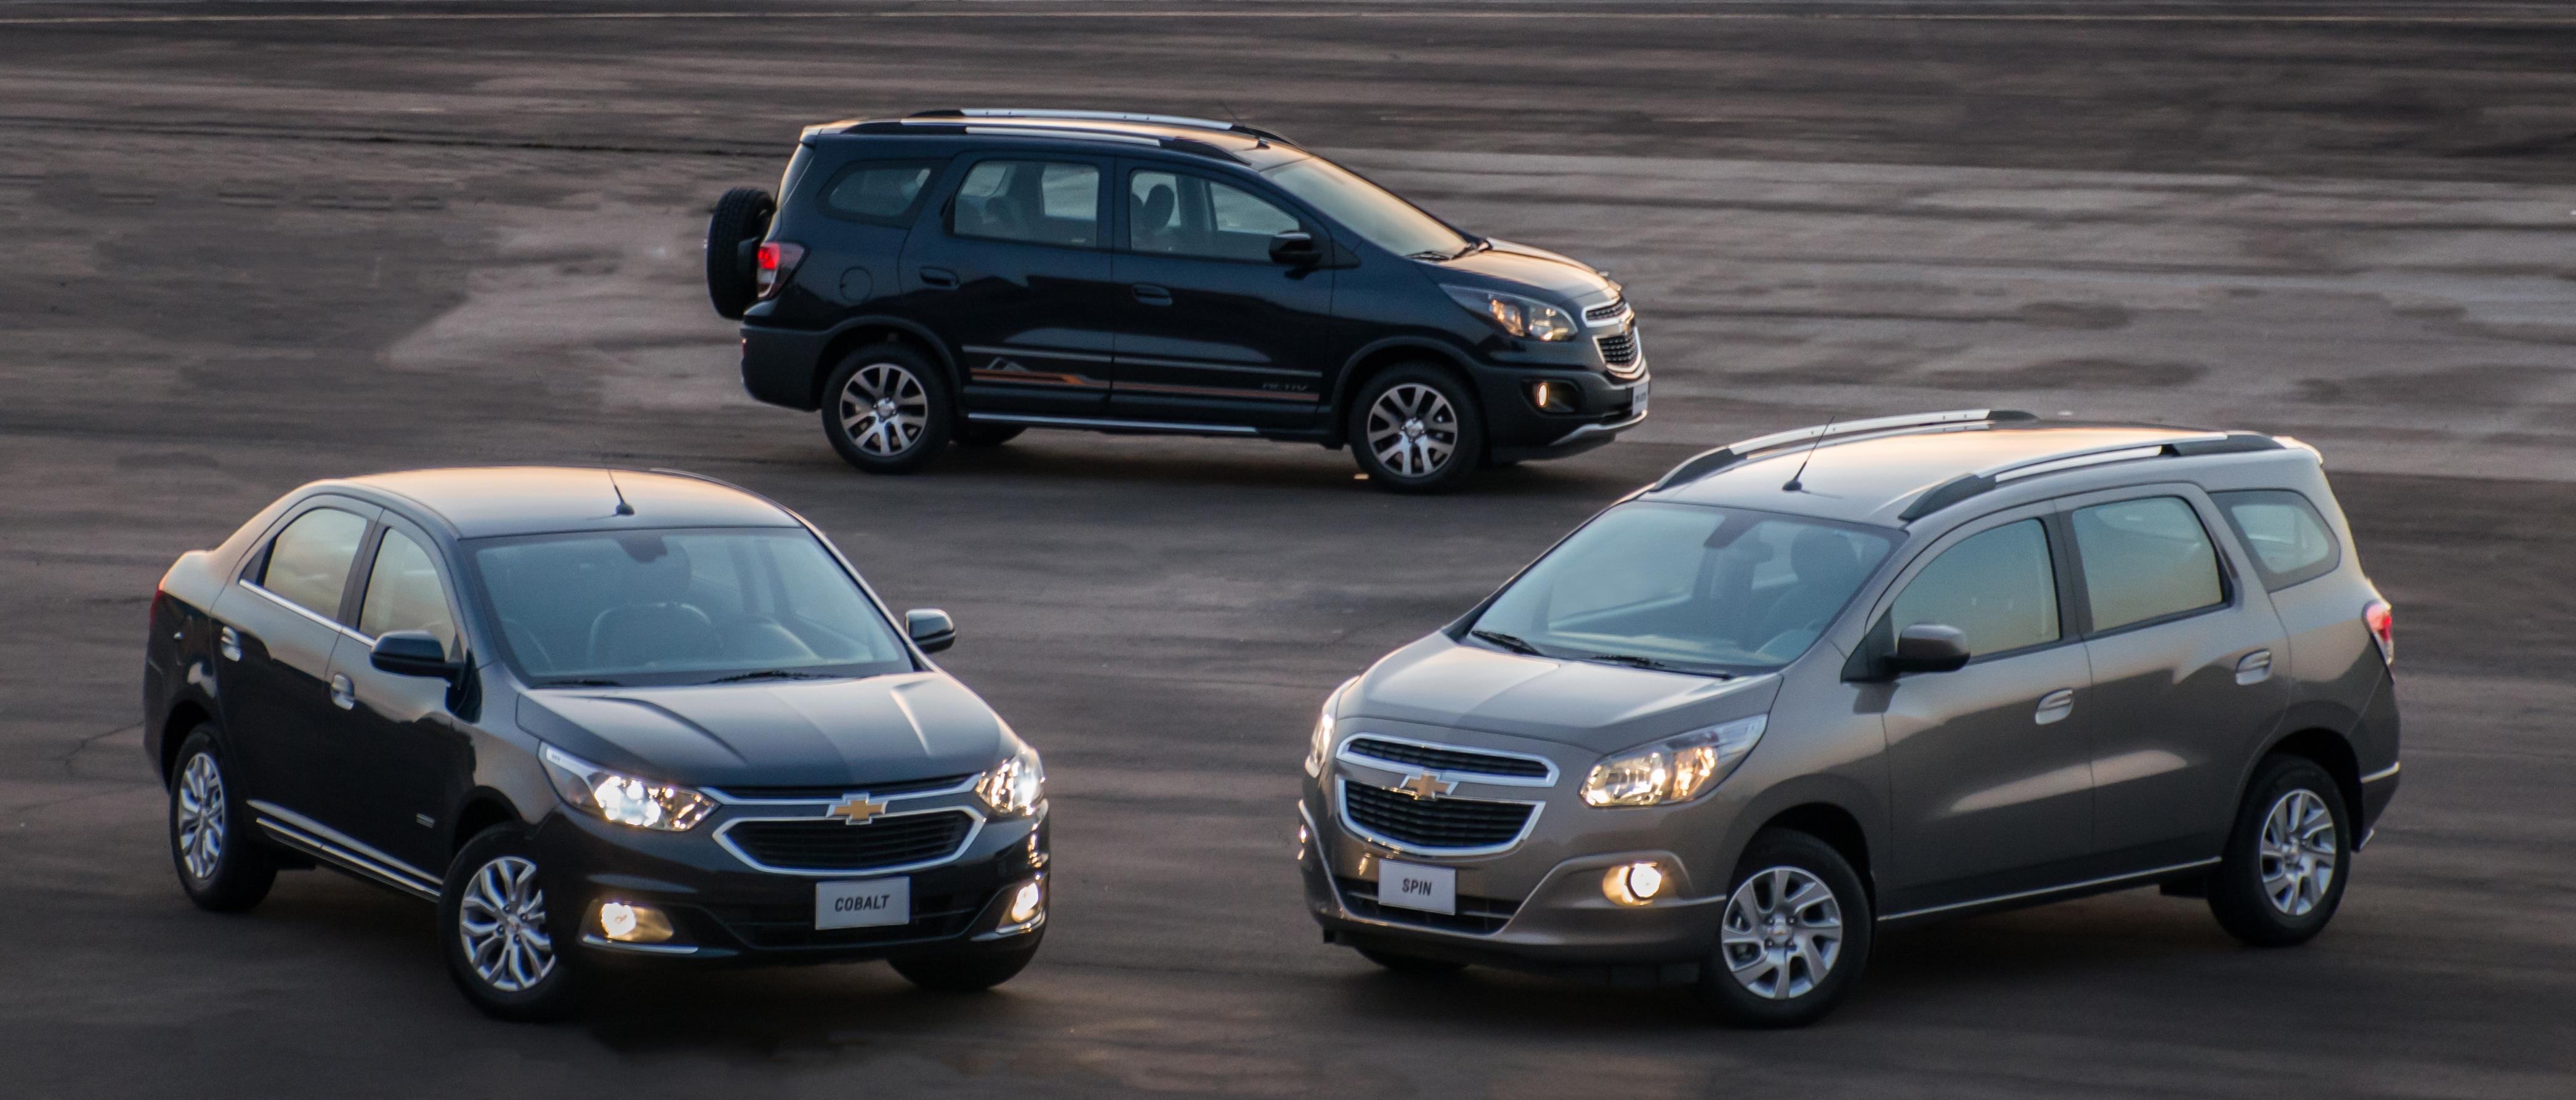 Chevrolet Cobalt e Spin 2017 agora são ECO  até 30% mais econômicos d0a20664e9